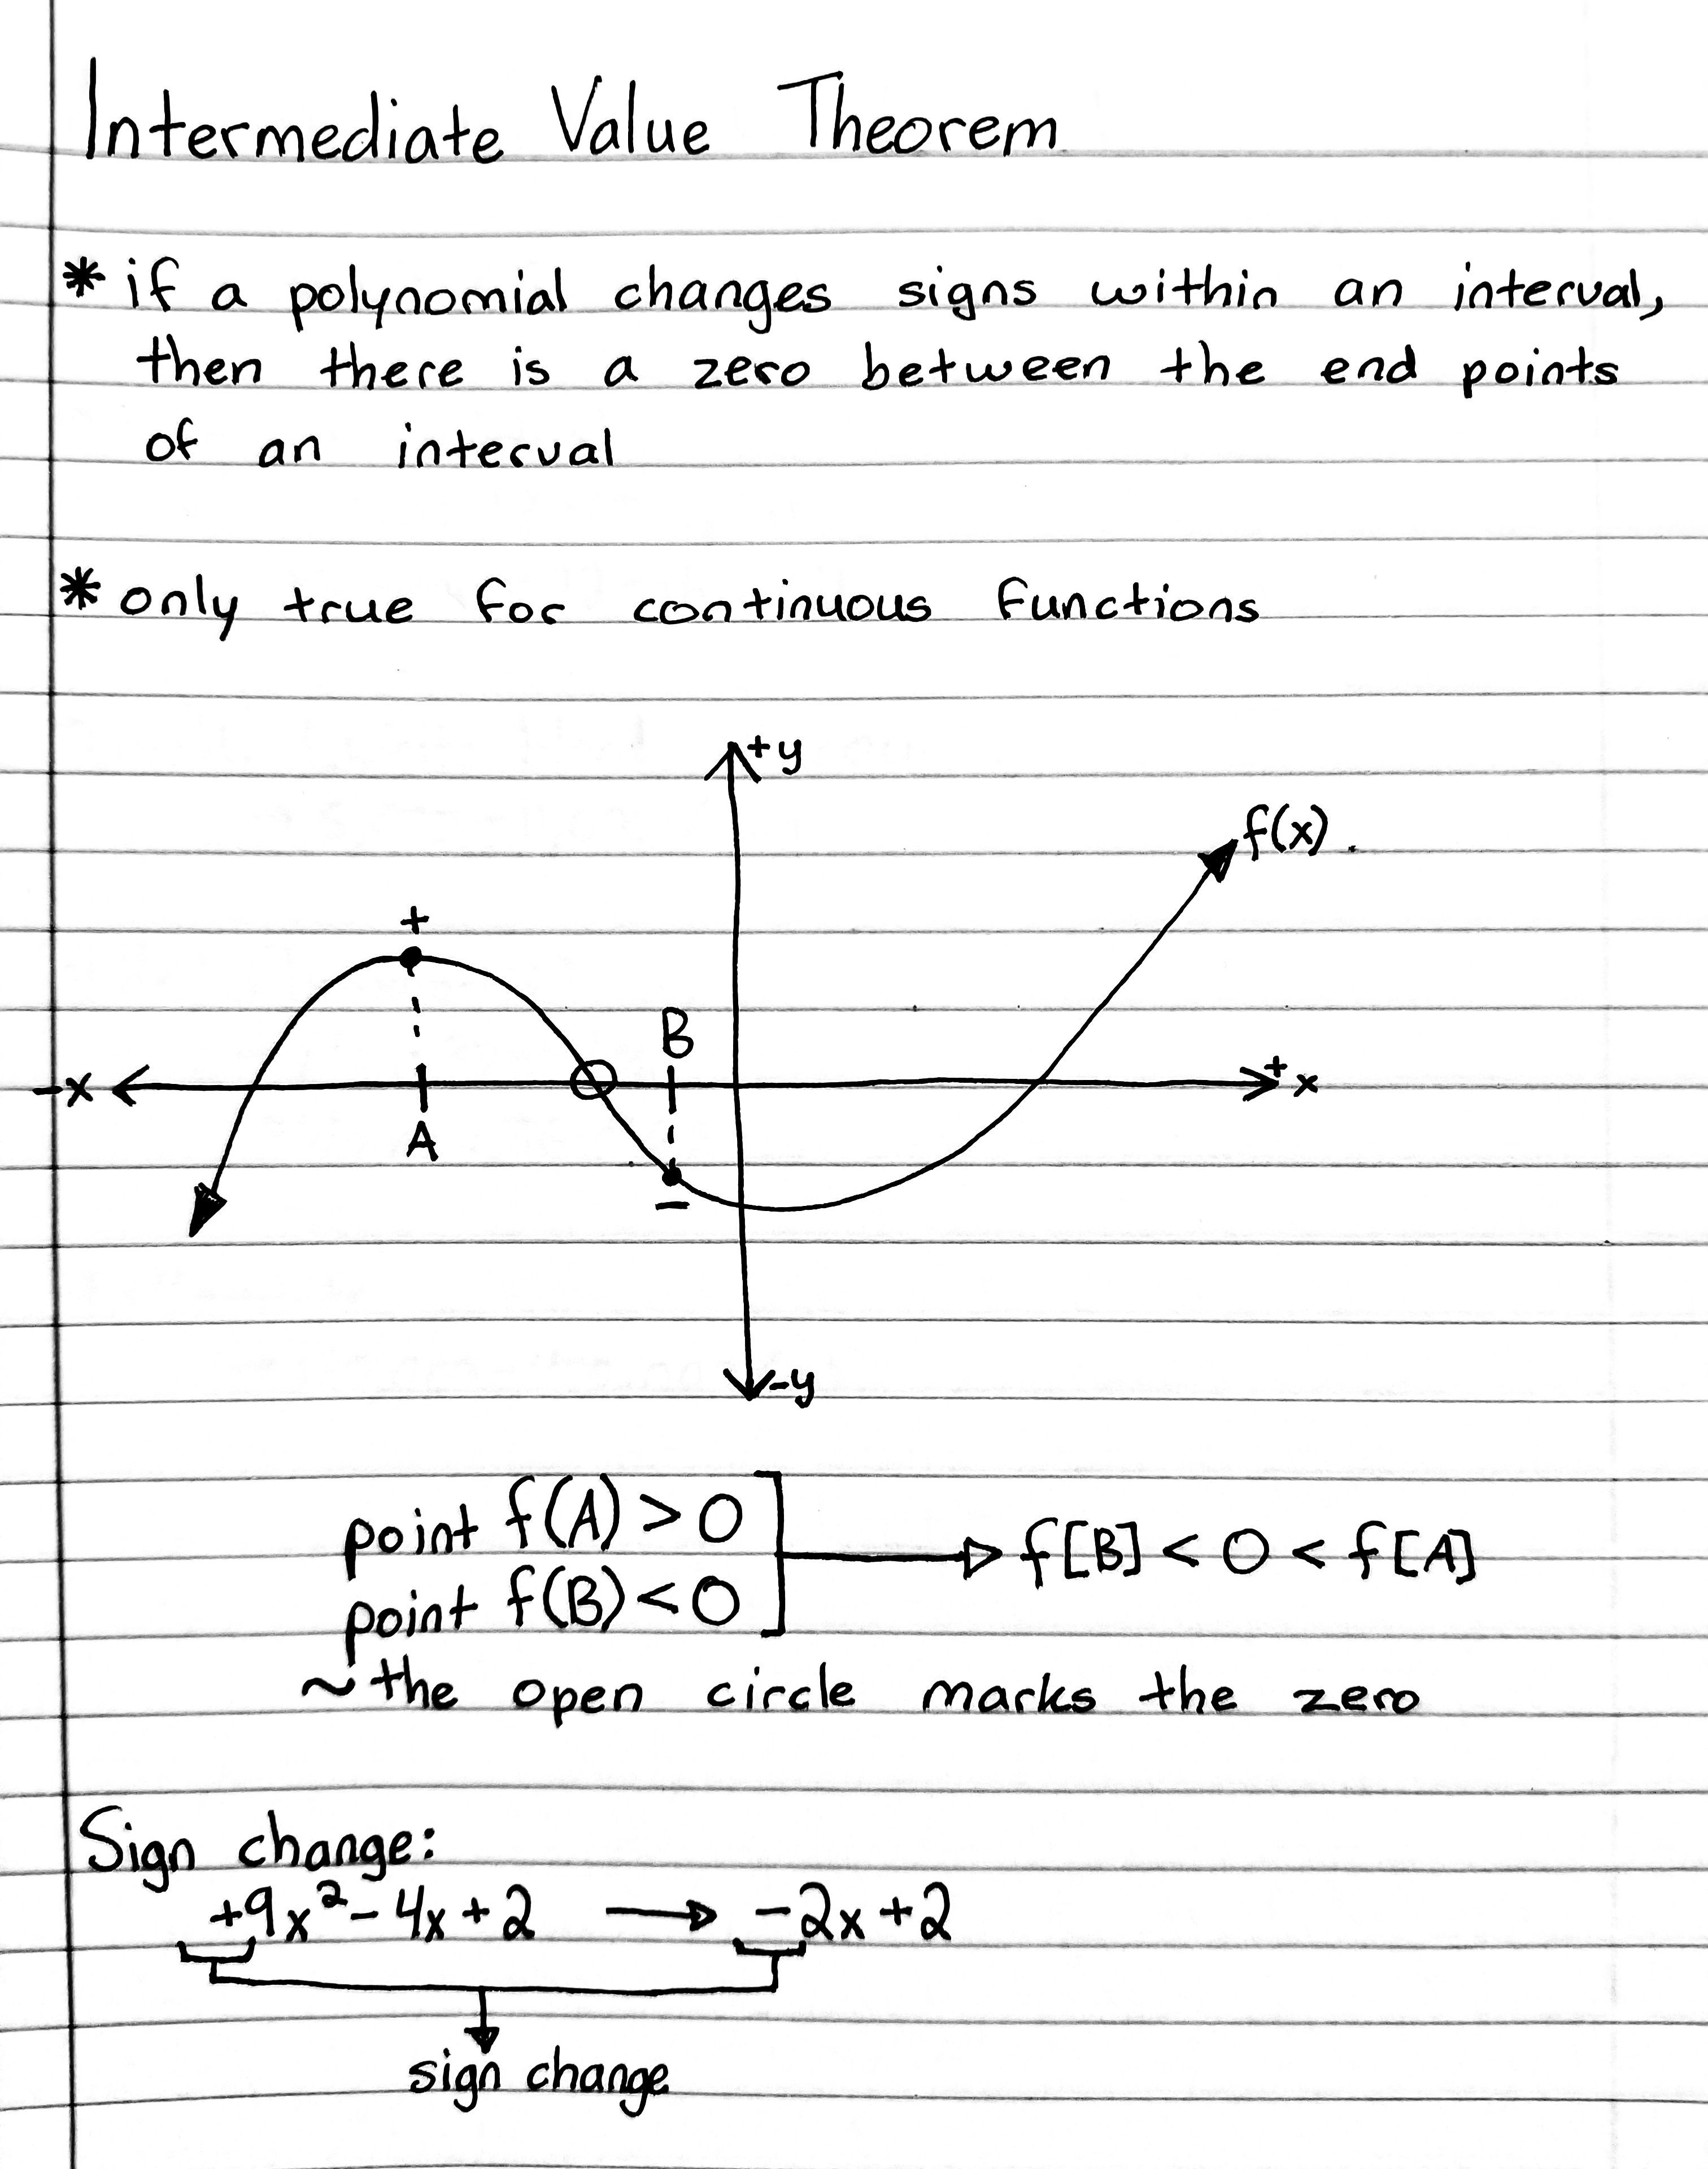 Pin By Lina Anwari On Rekenen Wiskunde Algebra Kansberekeningen In 2020 Theorems Worksheet Template Helping Verbs Worksheet